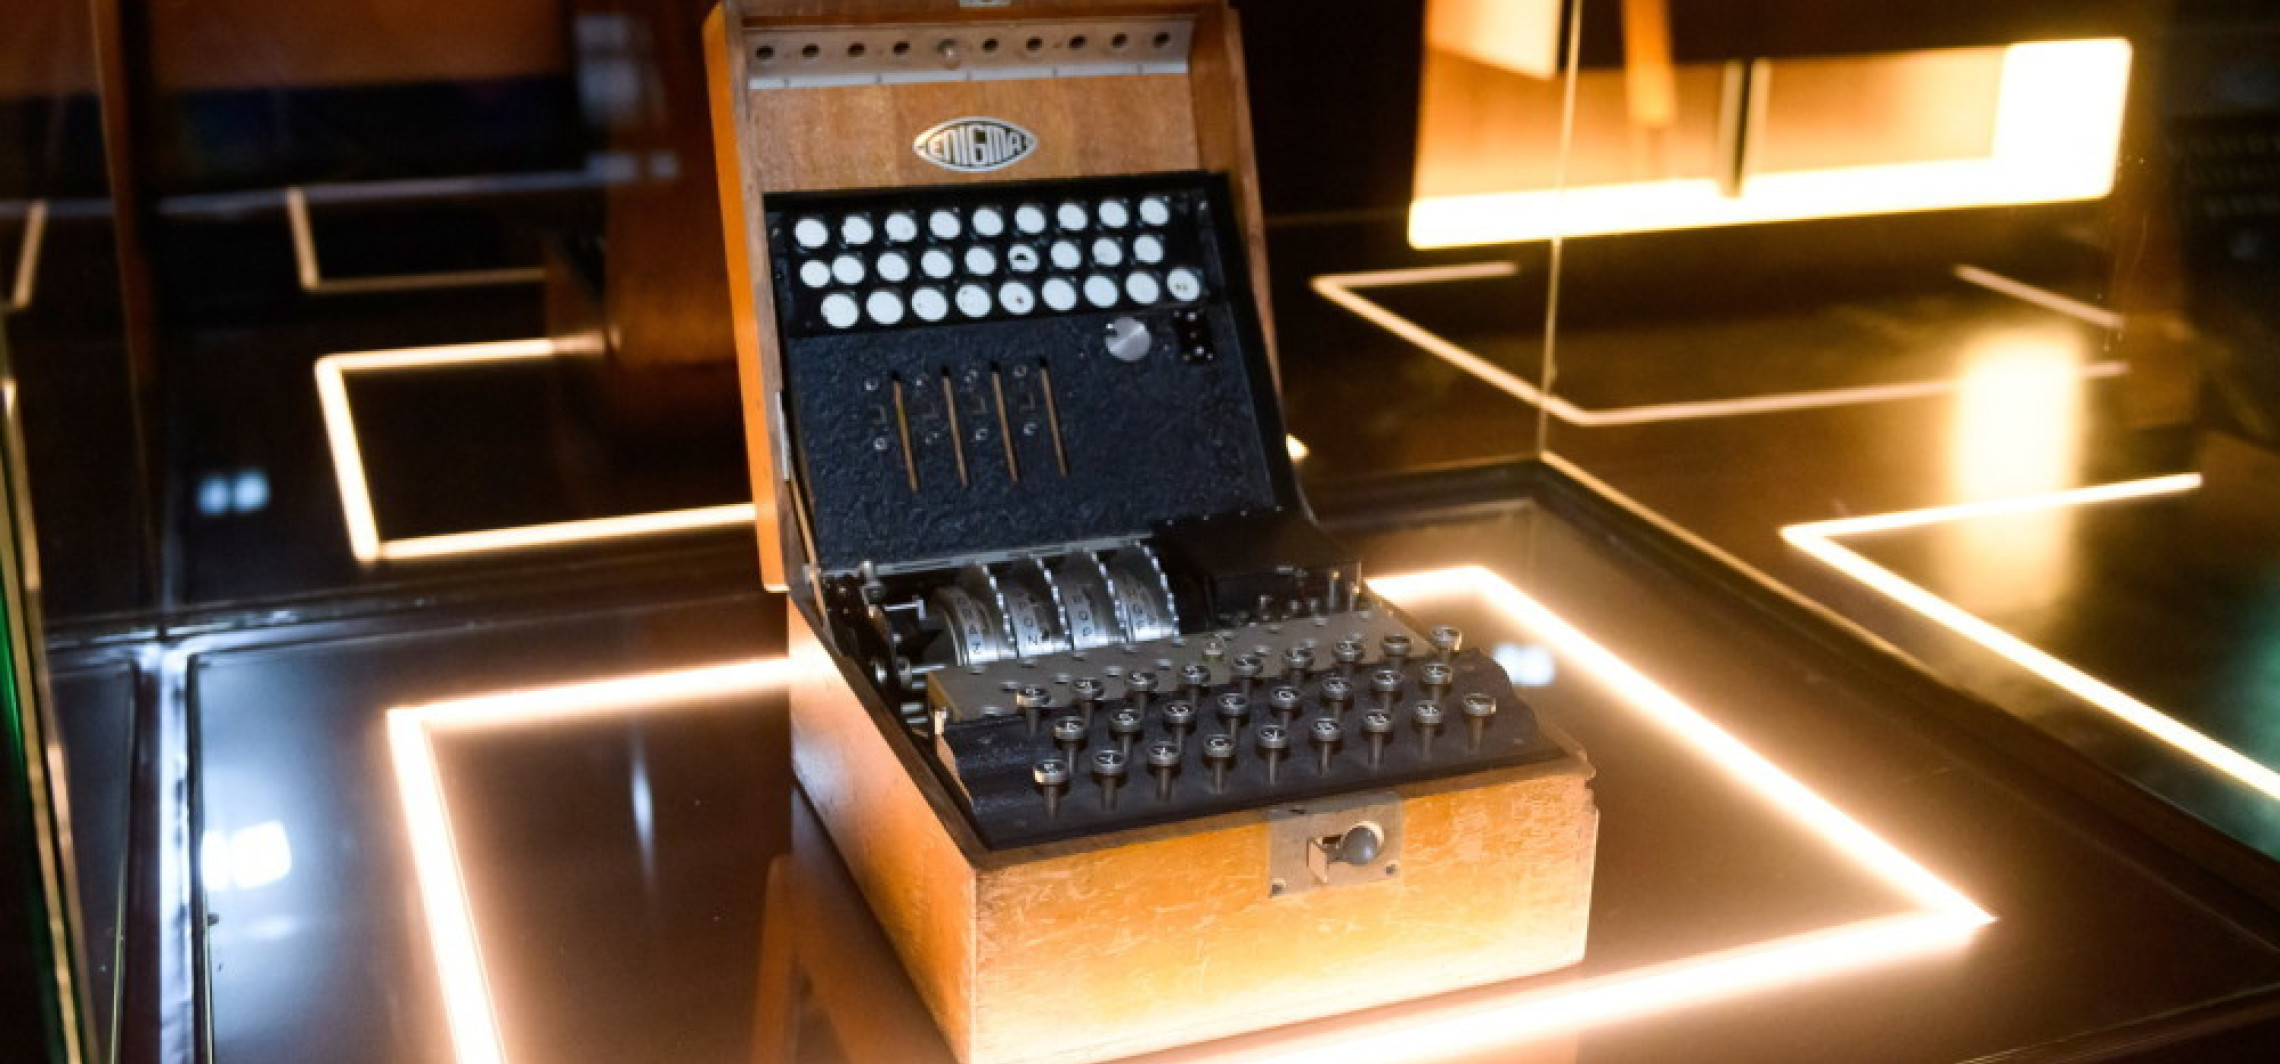 W Poznaniu otwarto Centrum Szyfrów Enigma prezentujące historię i dokonania polskich kryptologów